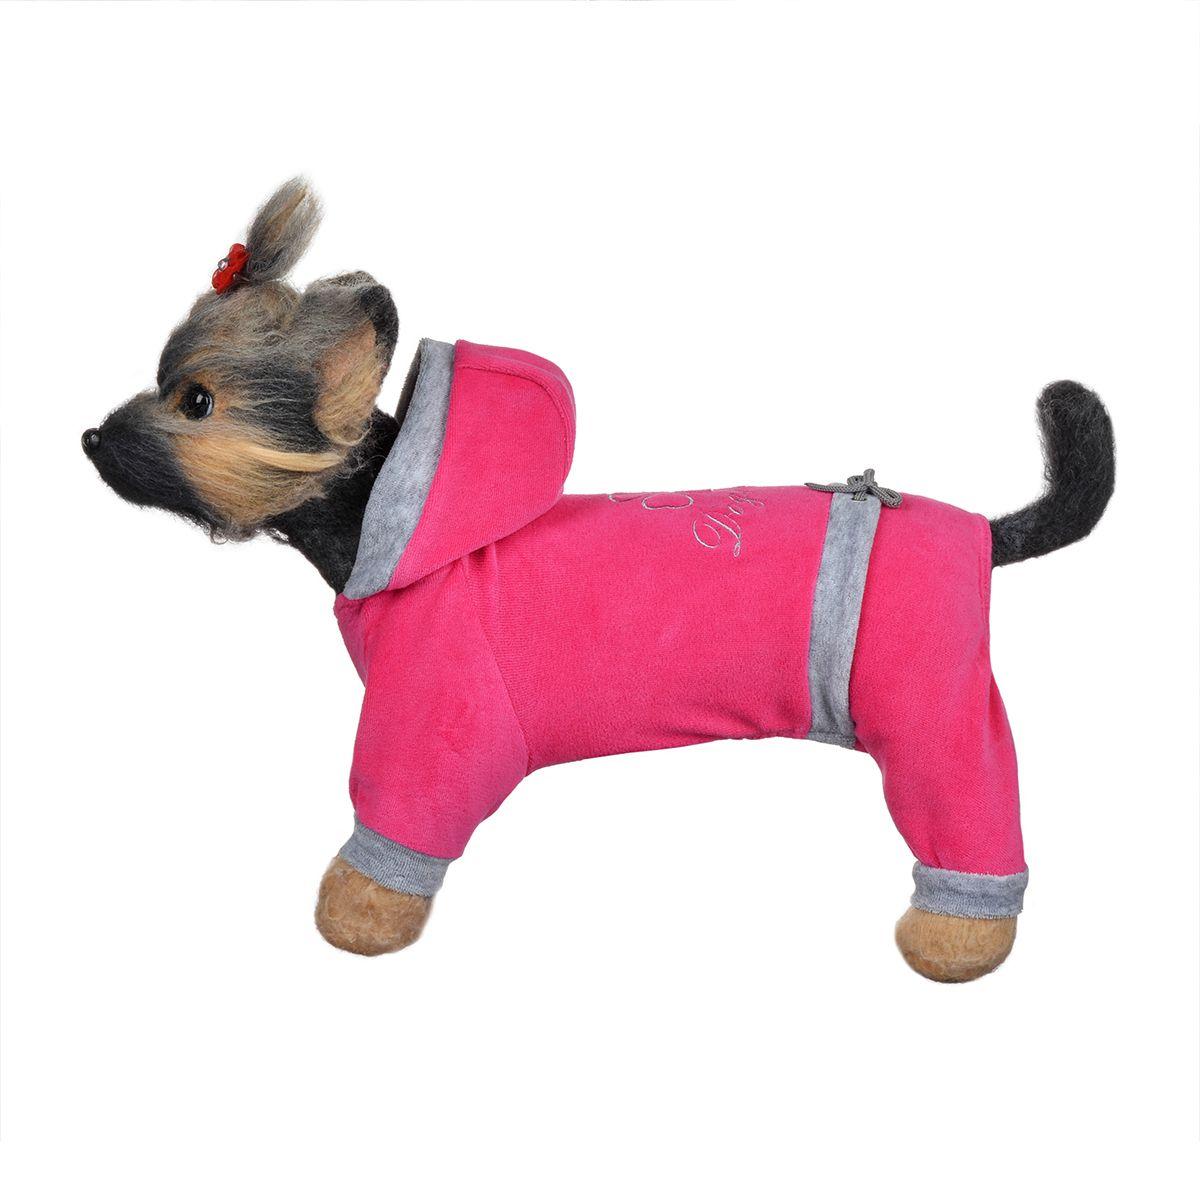 Комбинезон для собак Dogmoda Хоум, унисекс, цвет: розовый, серый. Размер 1 (S)DM-150307-1Комбинезон для собак Dogmoda Хоум отлично подойдет для прогулок в сухую погоду или для дома.Комбинезон изготовлен из качественного мягкого велюра.Комбинезон с капюшоном оснащен внутренней резинкой, благодаря чему его легко надевать и снимать. Капюшон не отстегивается. Низ рукавов и брючин оснащен широкими стильными манжетами. Спинка украшена серебристой вышивкой в виде клевера и надписи Dogmoda. На пояснице комбинезон затягивается на шнурок-кулиску.Благодаря такому комбинезону вашему питомцу будет комфортно наслаждаться прогулкой или играми дома.Одежда для собак: нужна ли она и как её выбрать. Статья OZON Гид